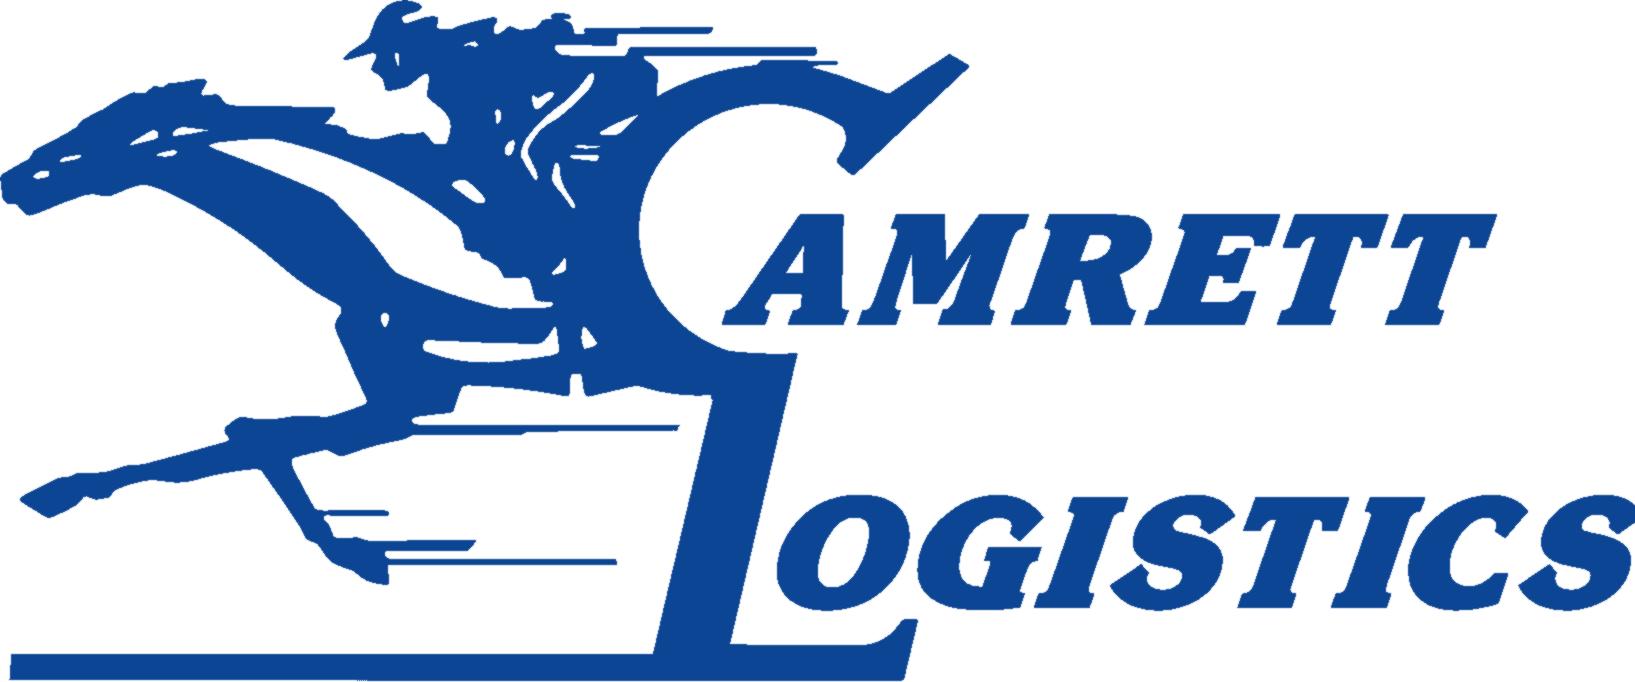 Camrett Logistics